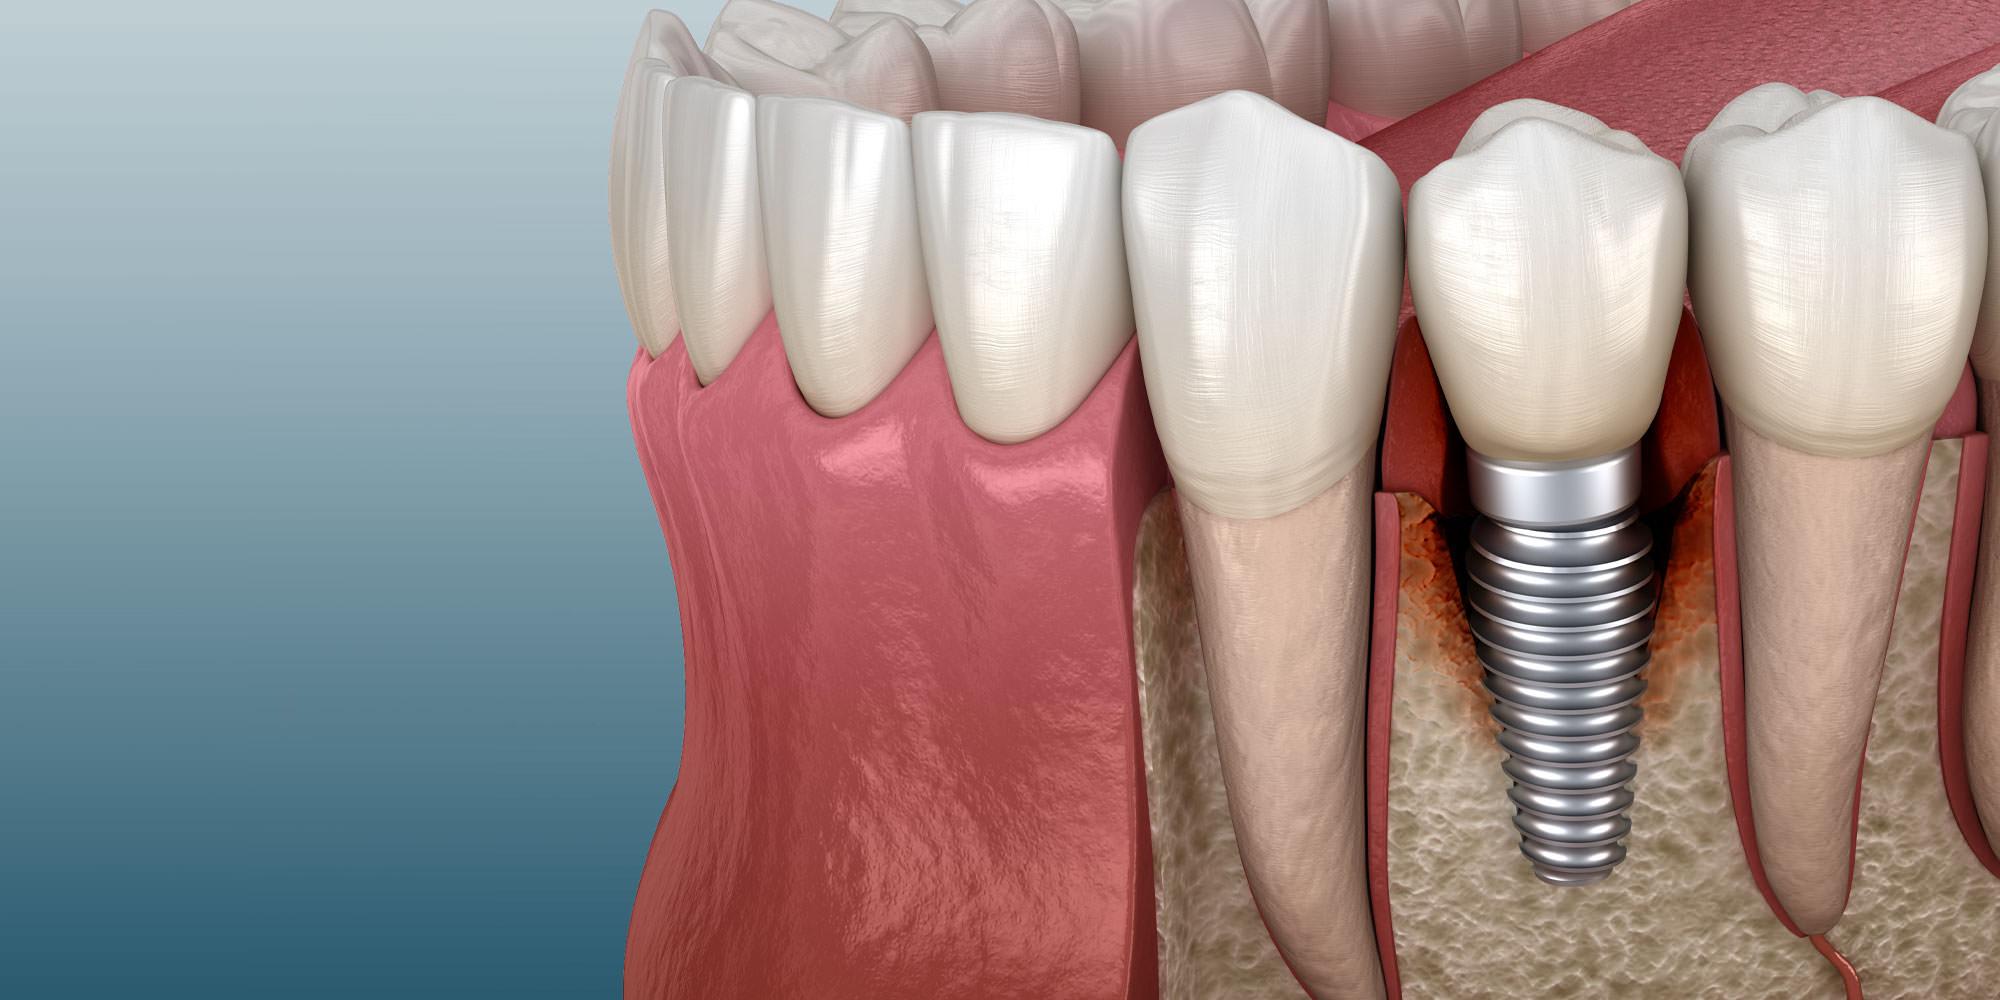 نمای زیبا از دندان کاشته شده در دهان و لثه